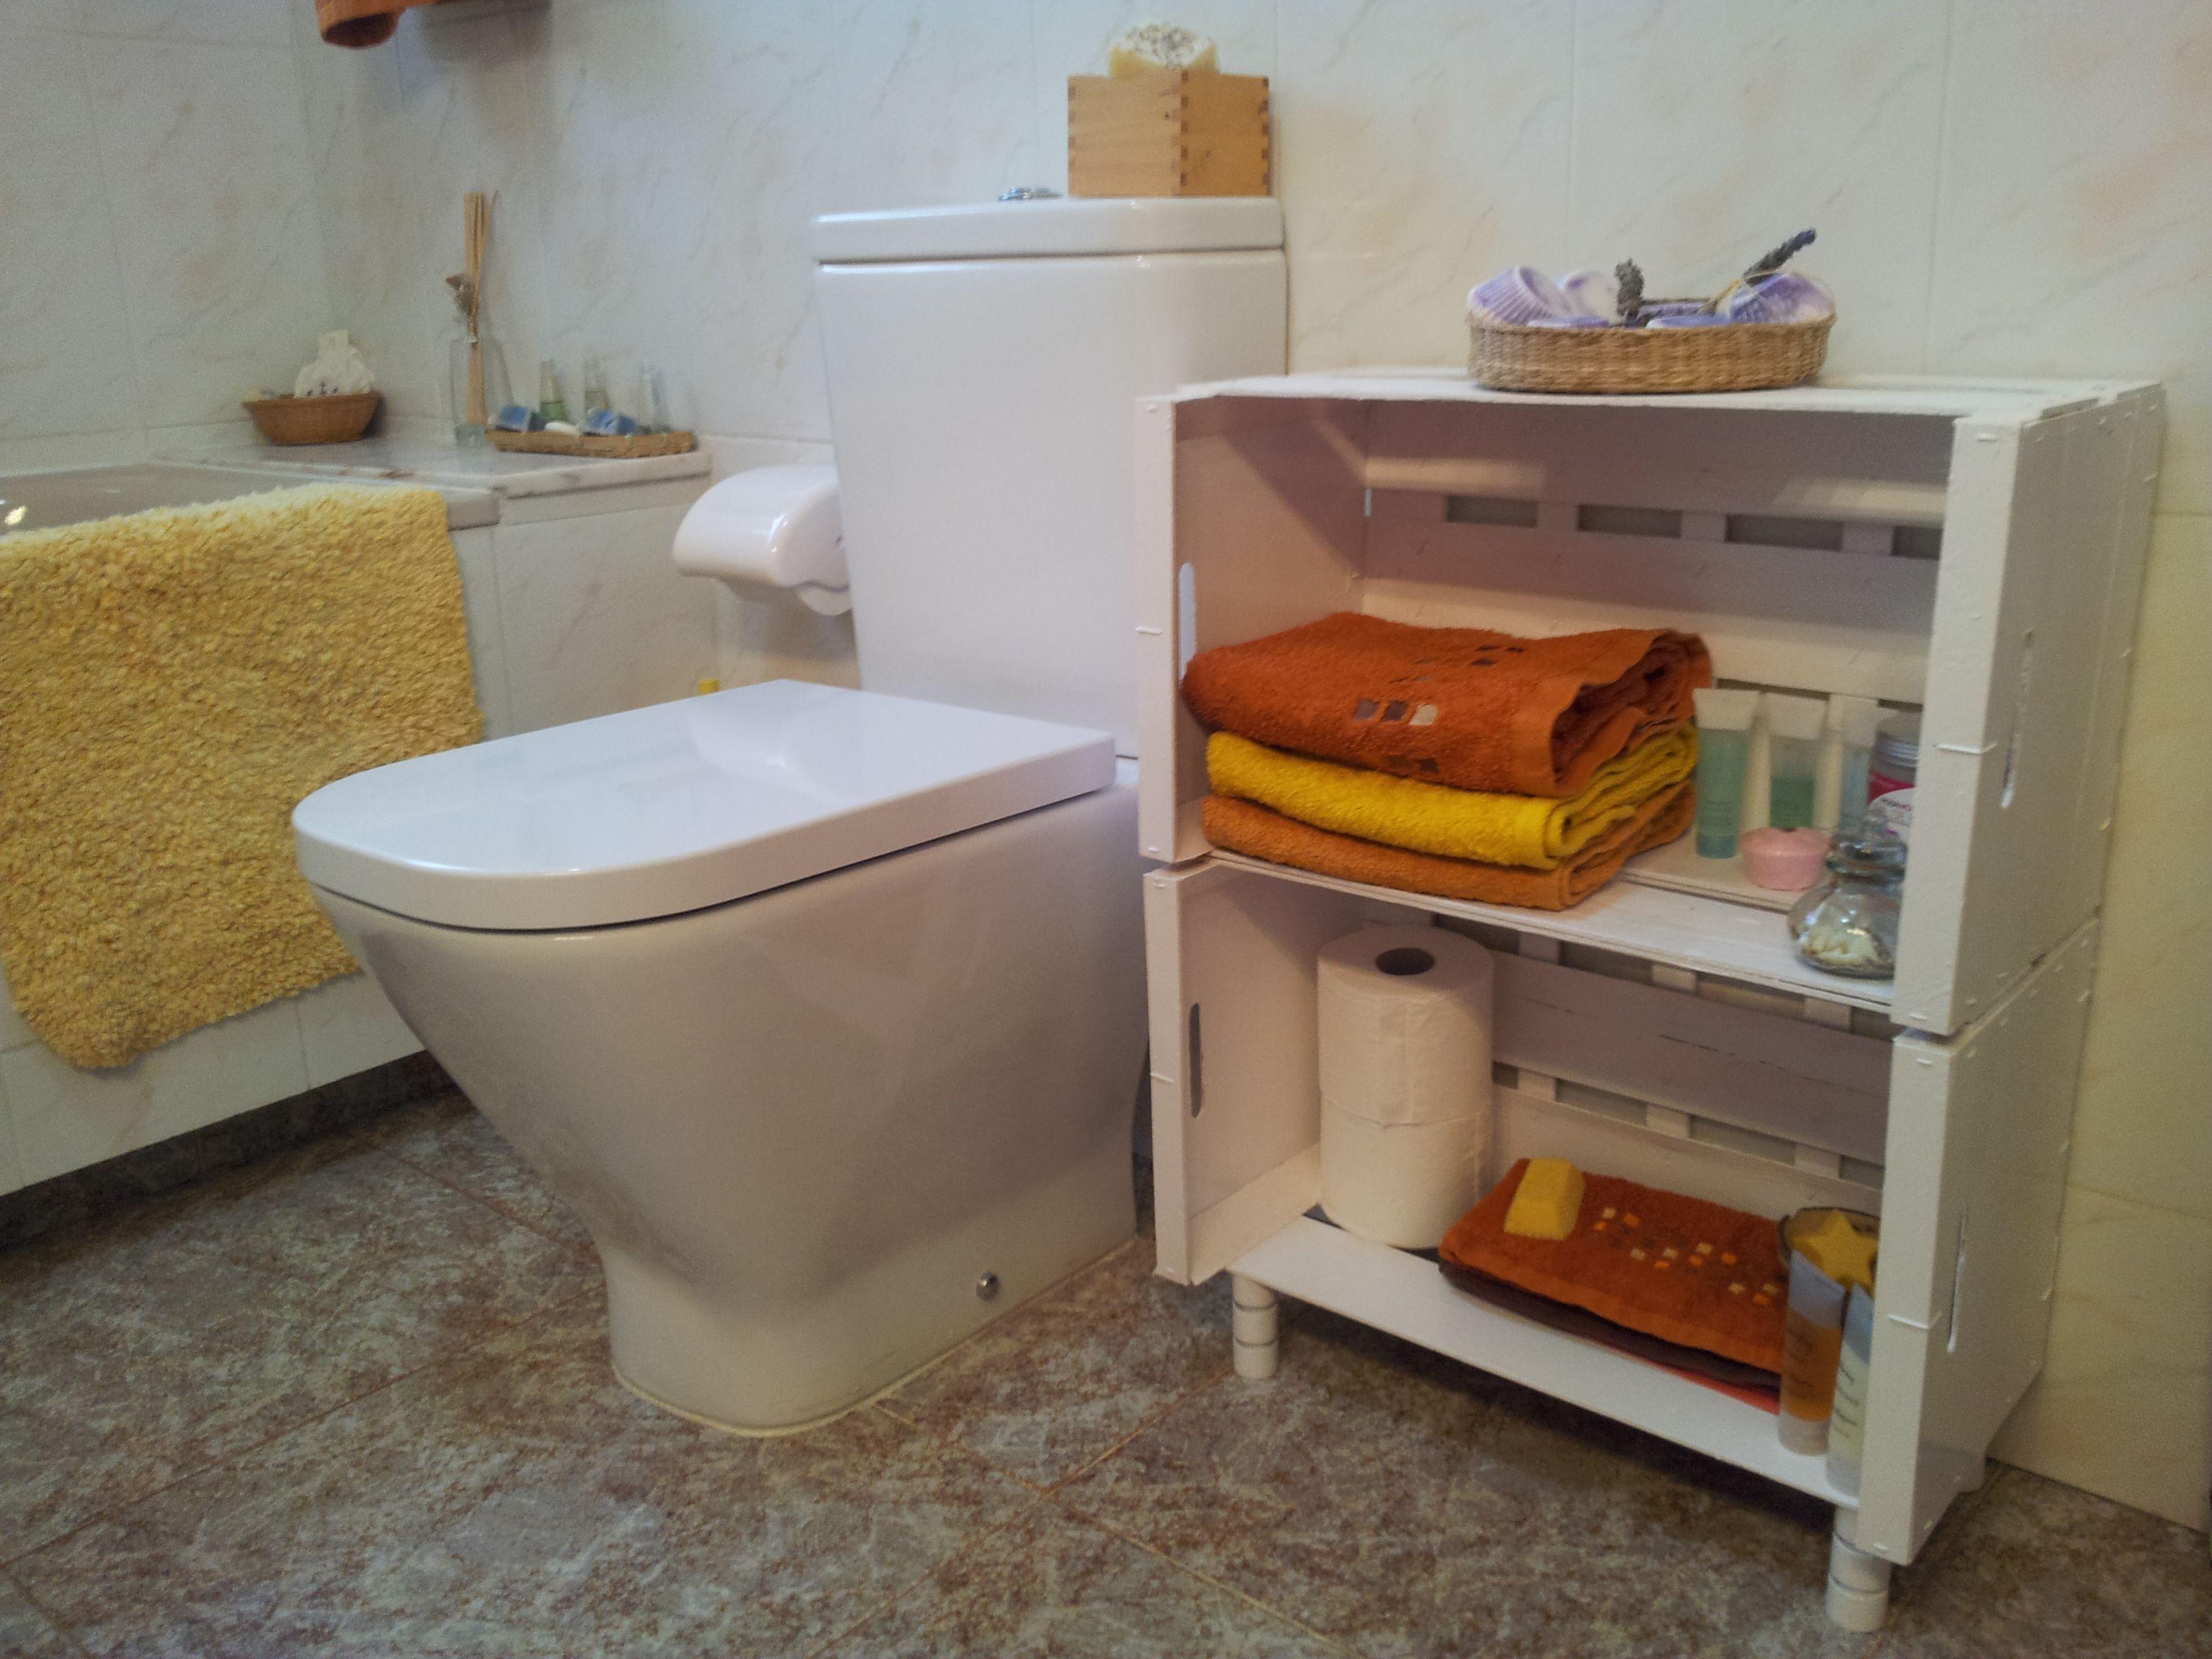 Hacer Mueble De Baño | Con Cajas De Fruteria E Imaginacion Se Pueden Hacer Maravillas